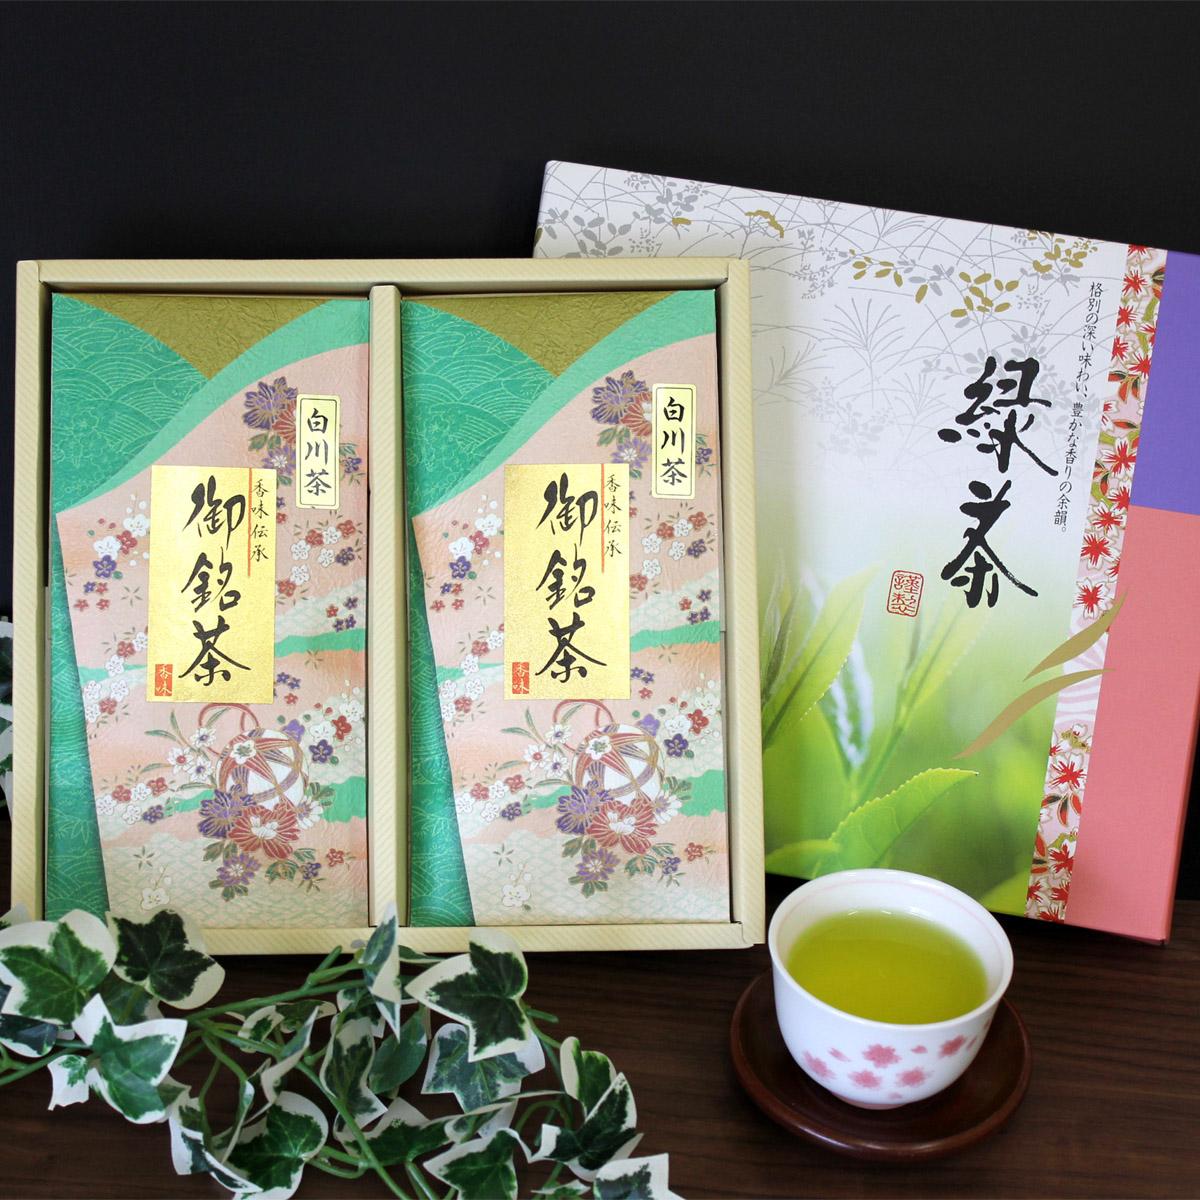 【ふるさと納税】※菊泉本舗 特選! 美濃白川茶詰合せ 80g×2袋